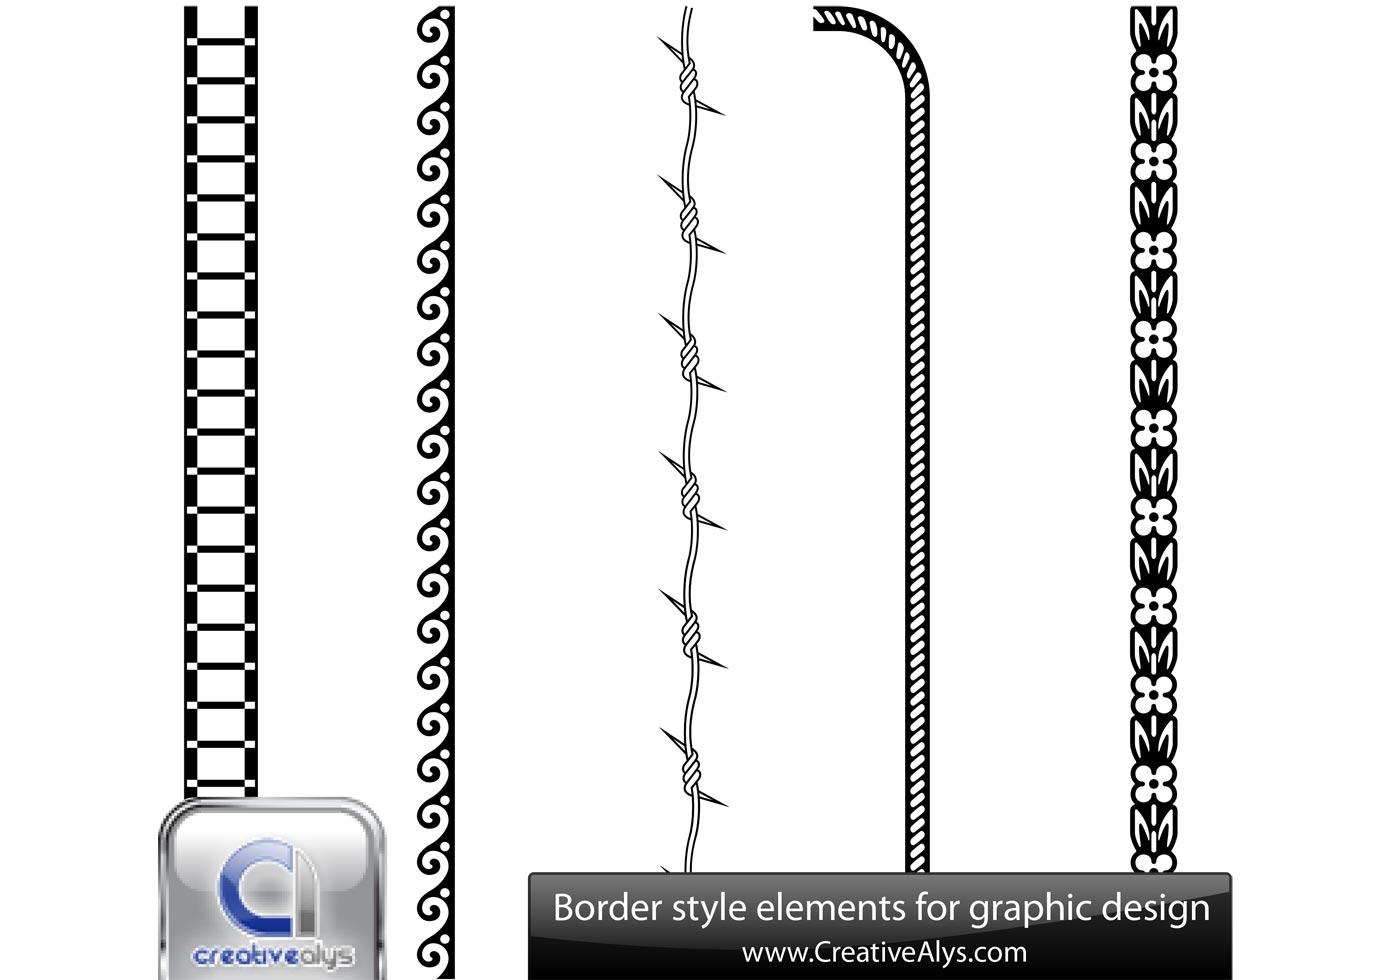 Unlimted Graphic Design